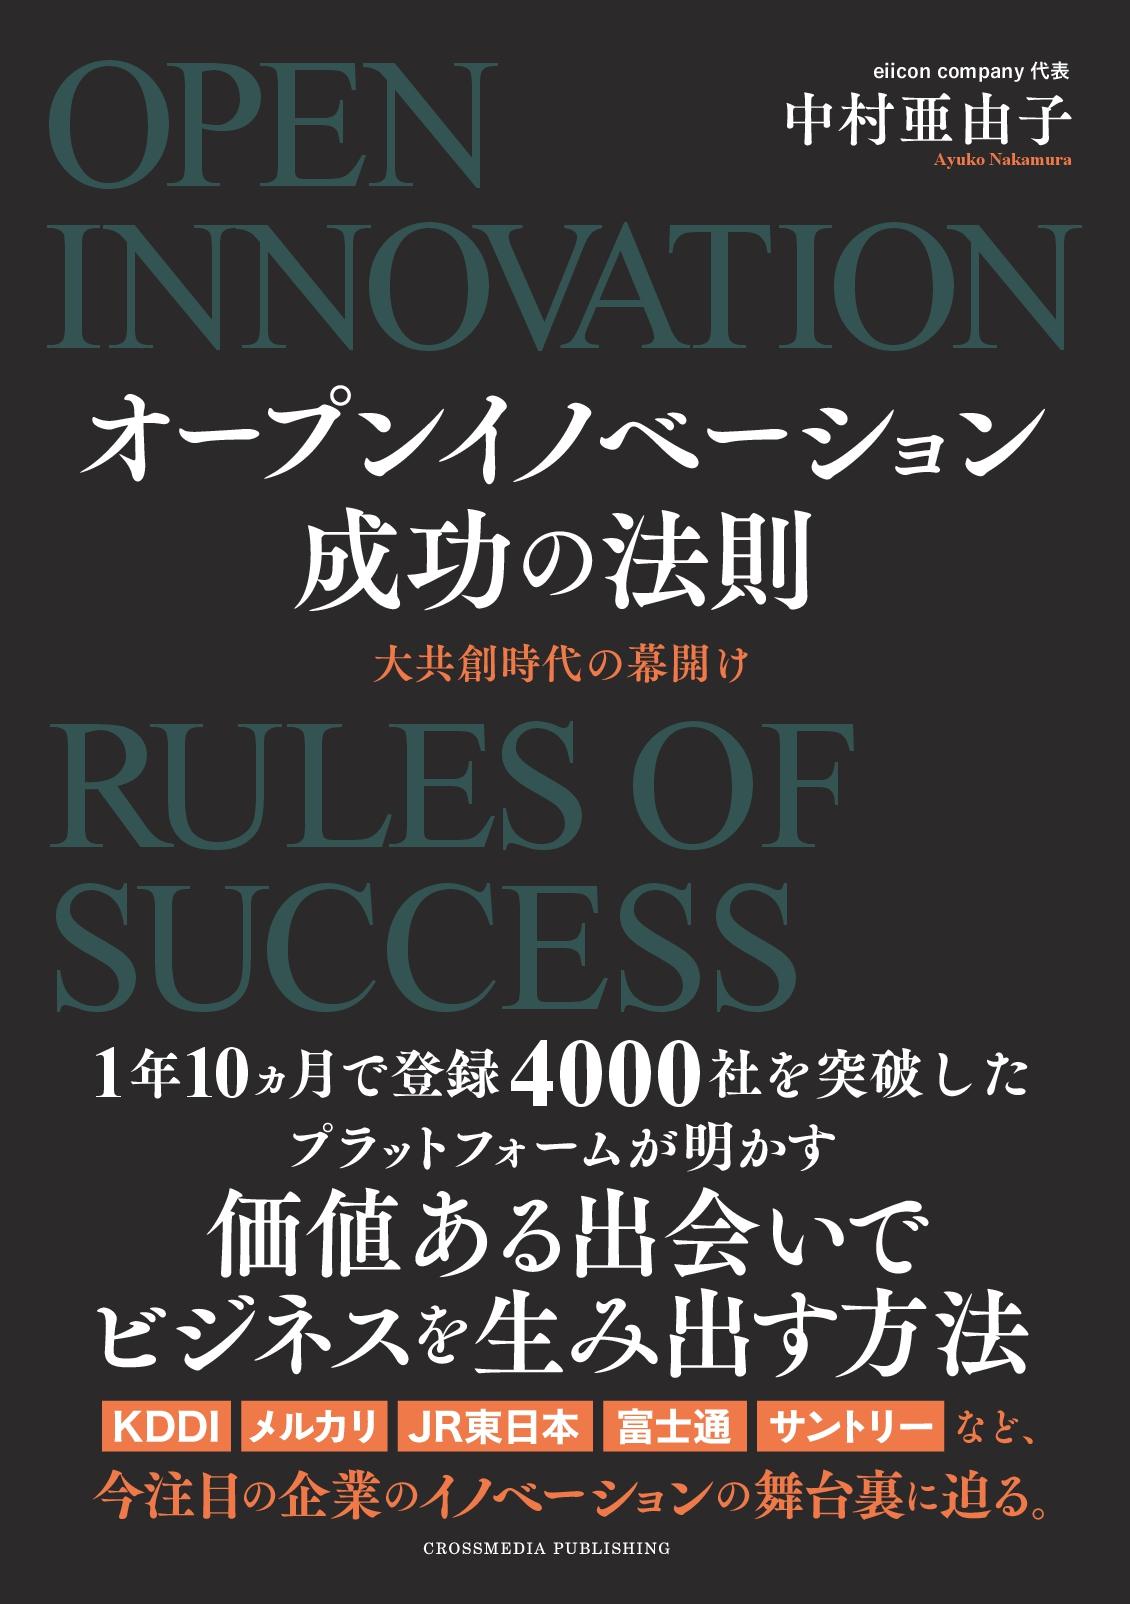 オープンイノベーション成功の法則 大共創時代の幕開け